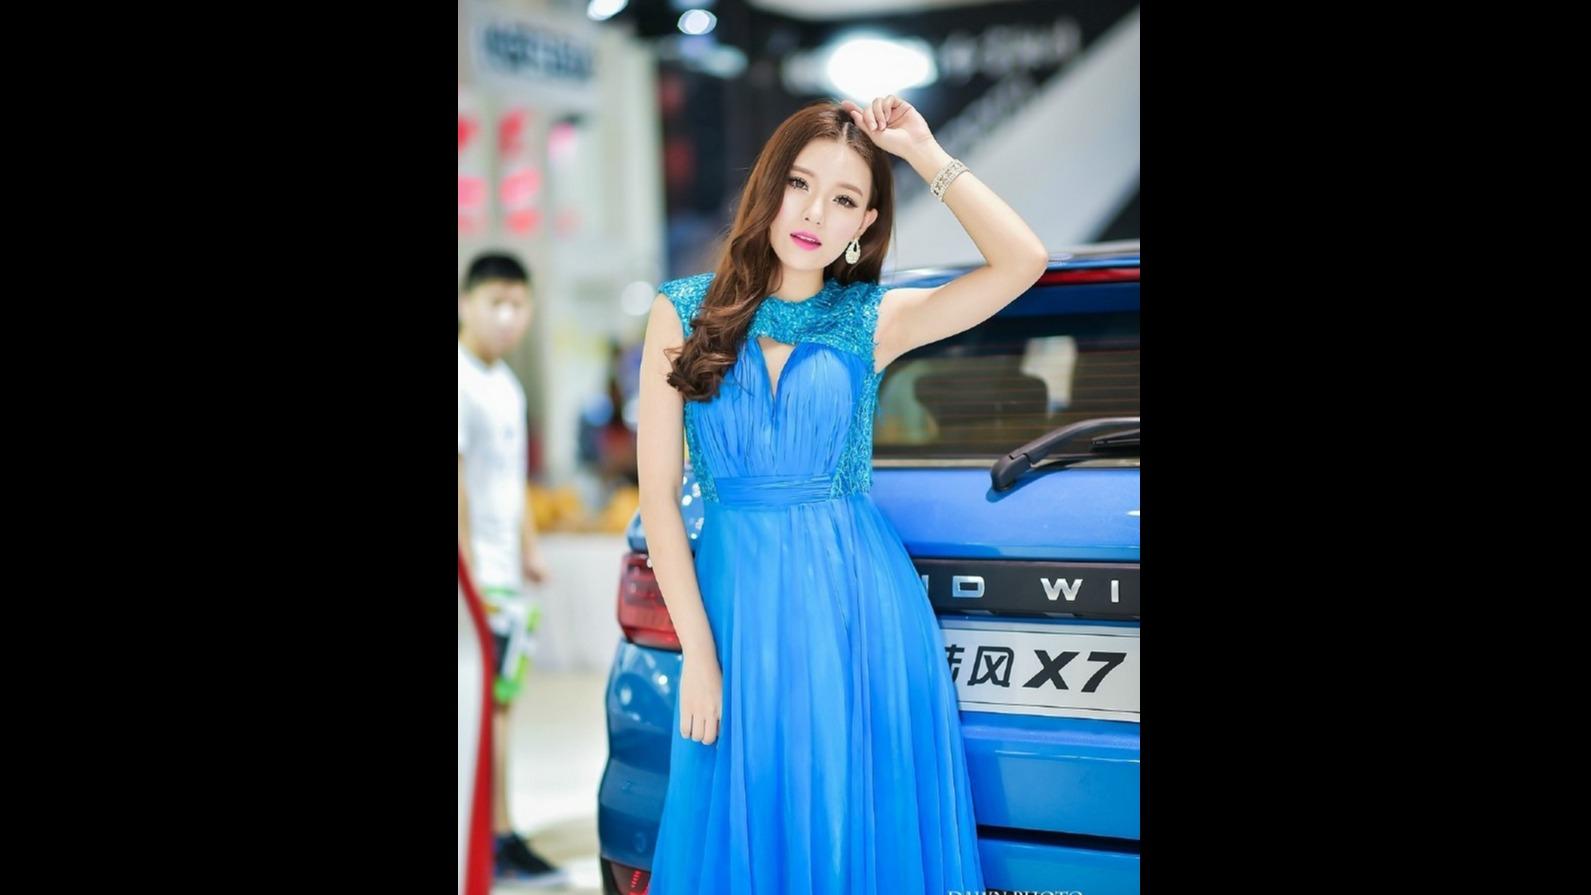 蓝色长裙、气质一流 这位美女车模火了!